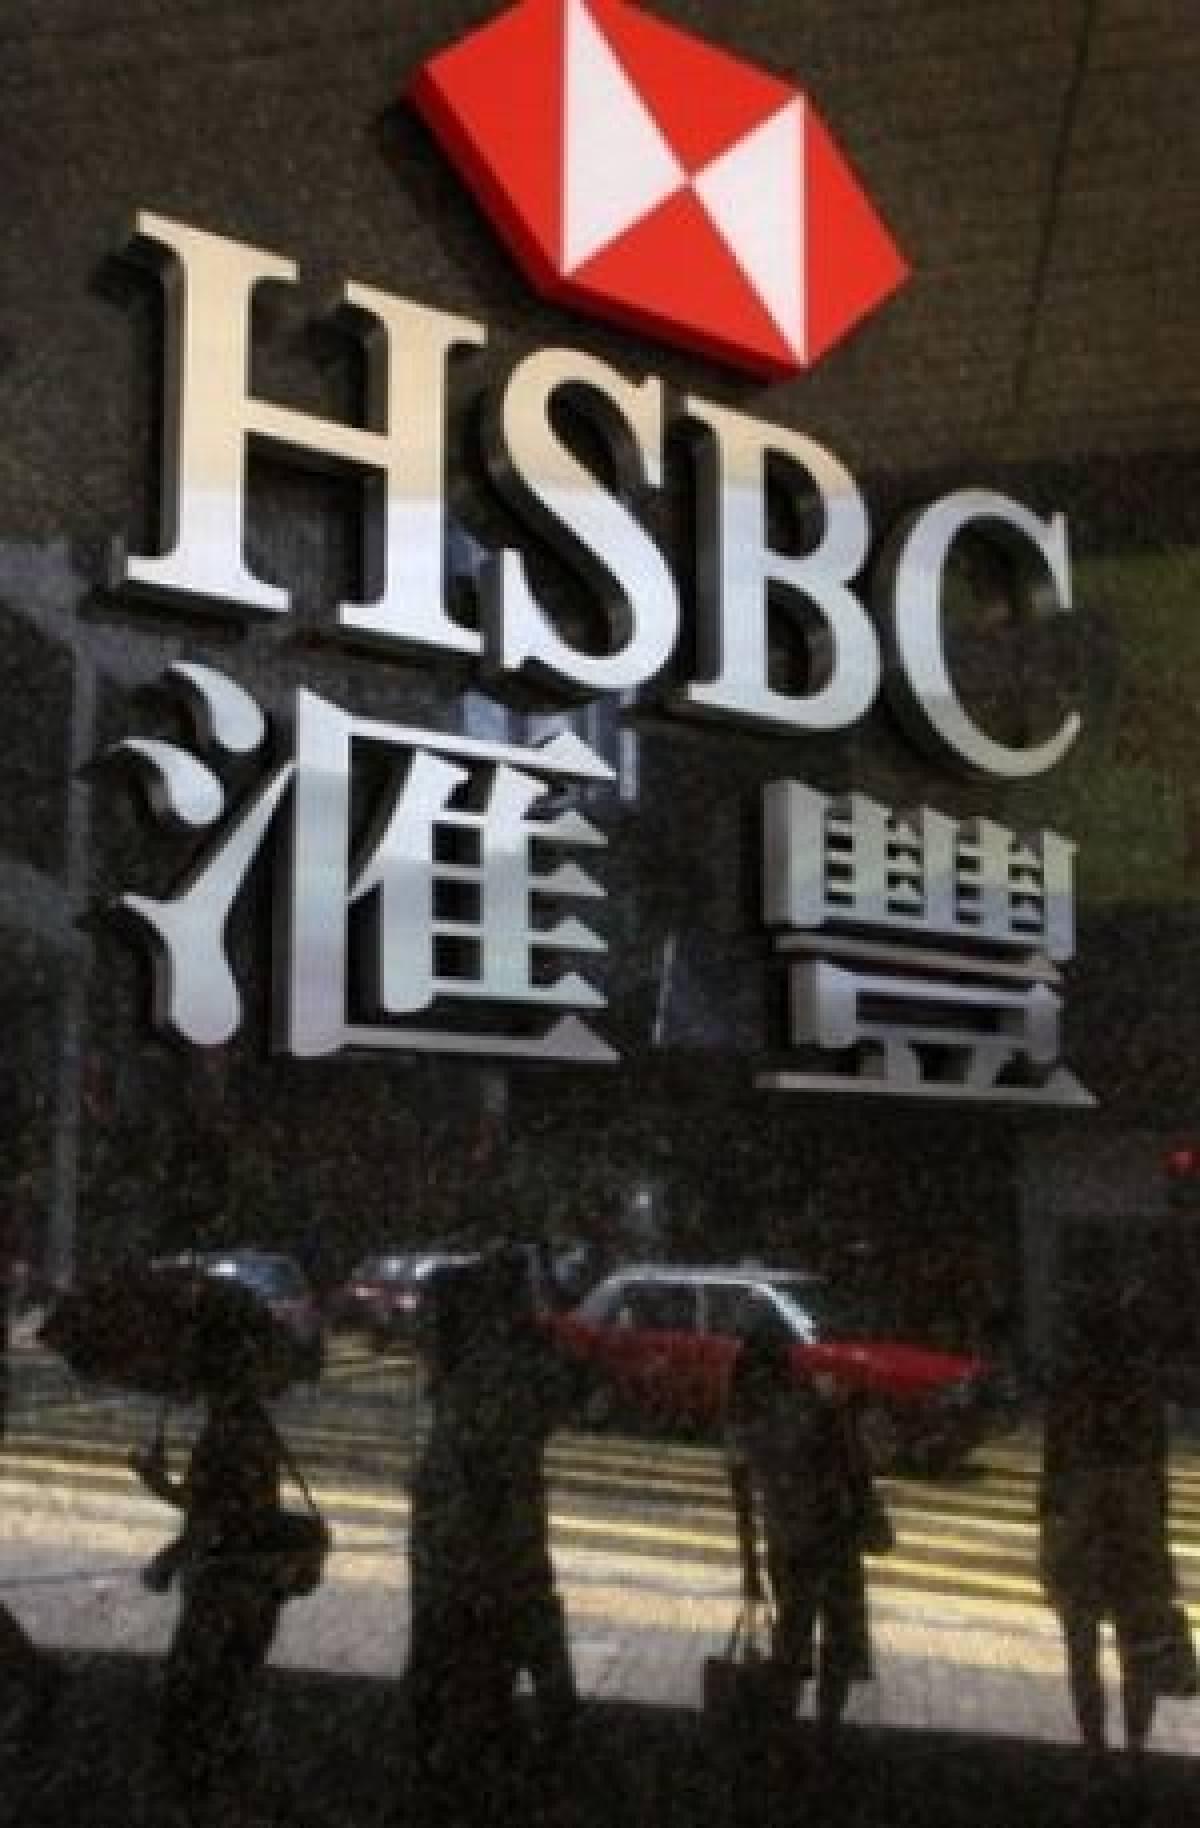 Comércio do ópio está na origem do HSBC, diz Le Monde Diplomatique